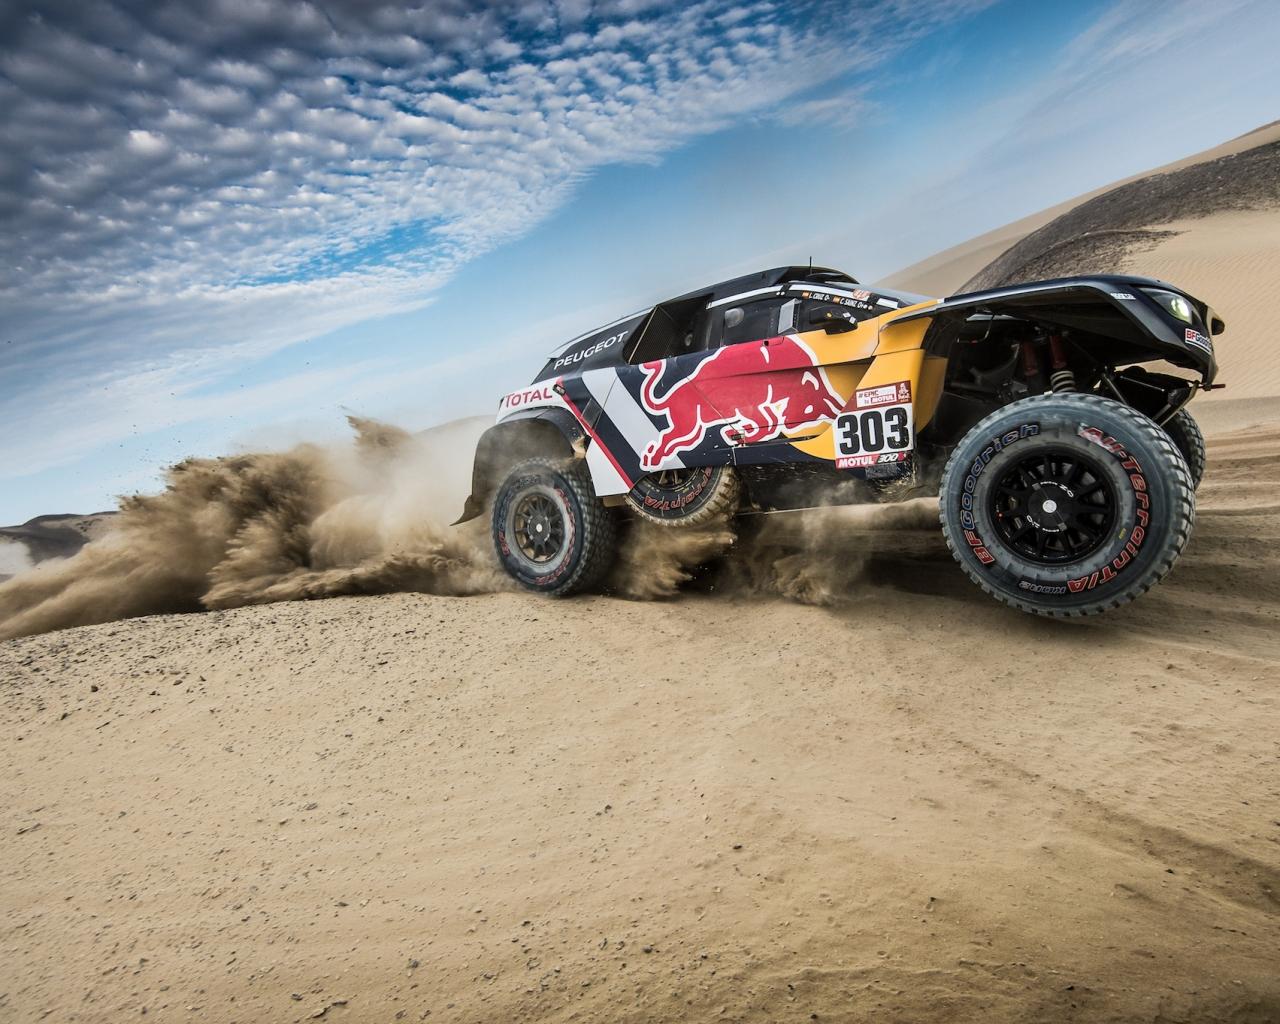 Peugeot en Dakar 2018 - 1280x1024